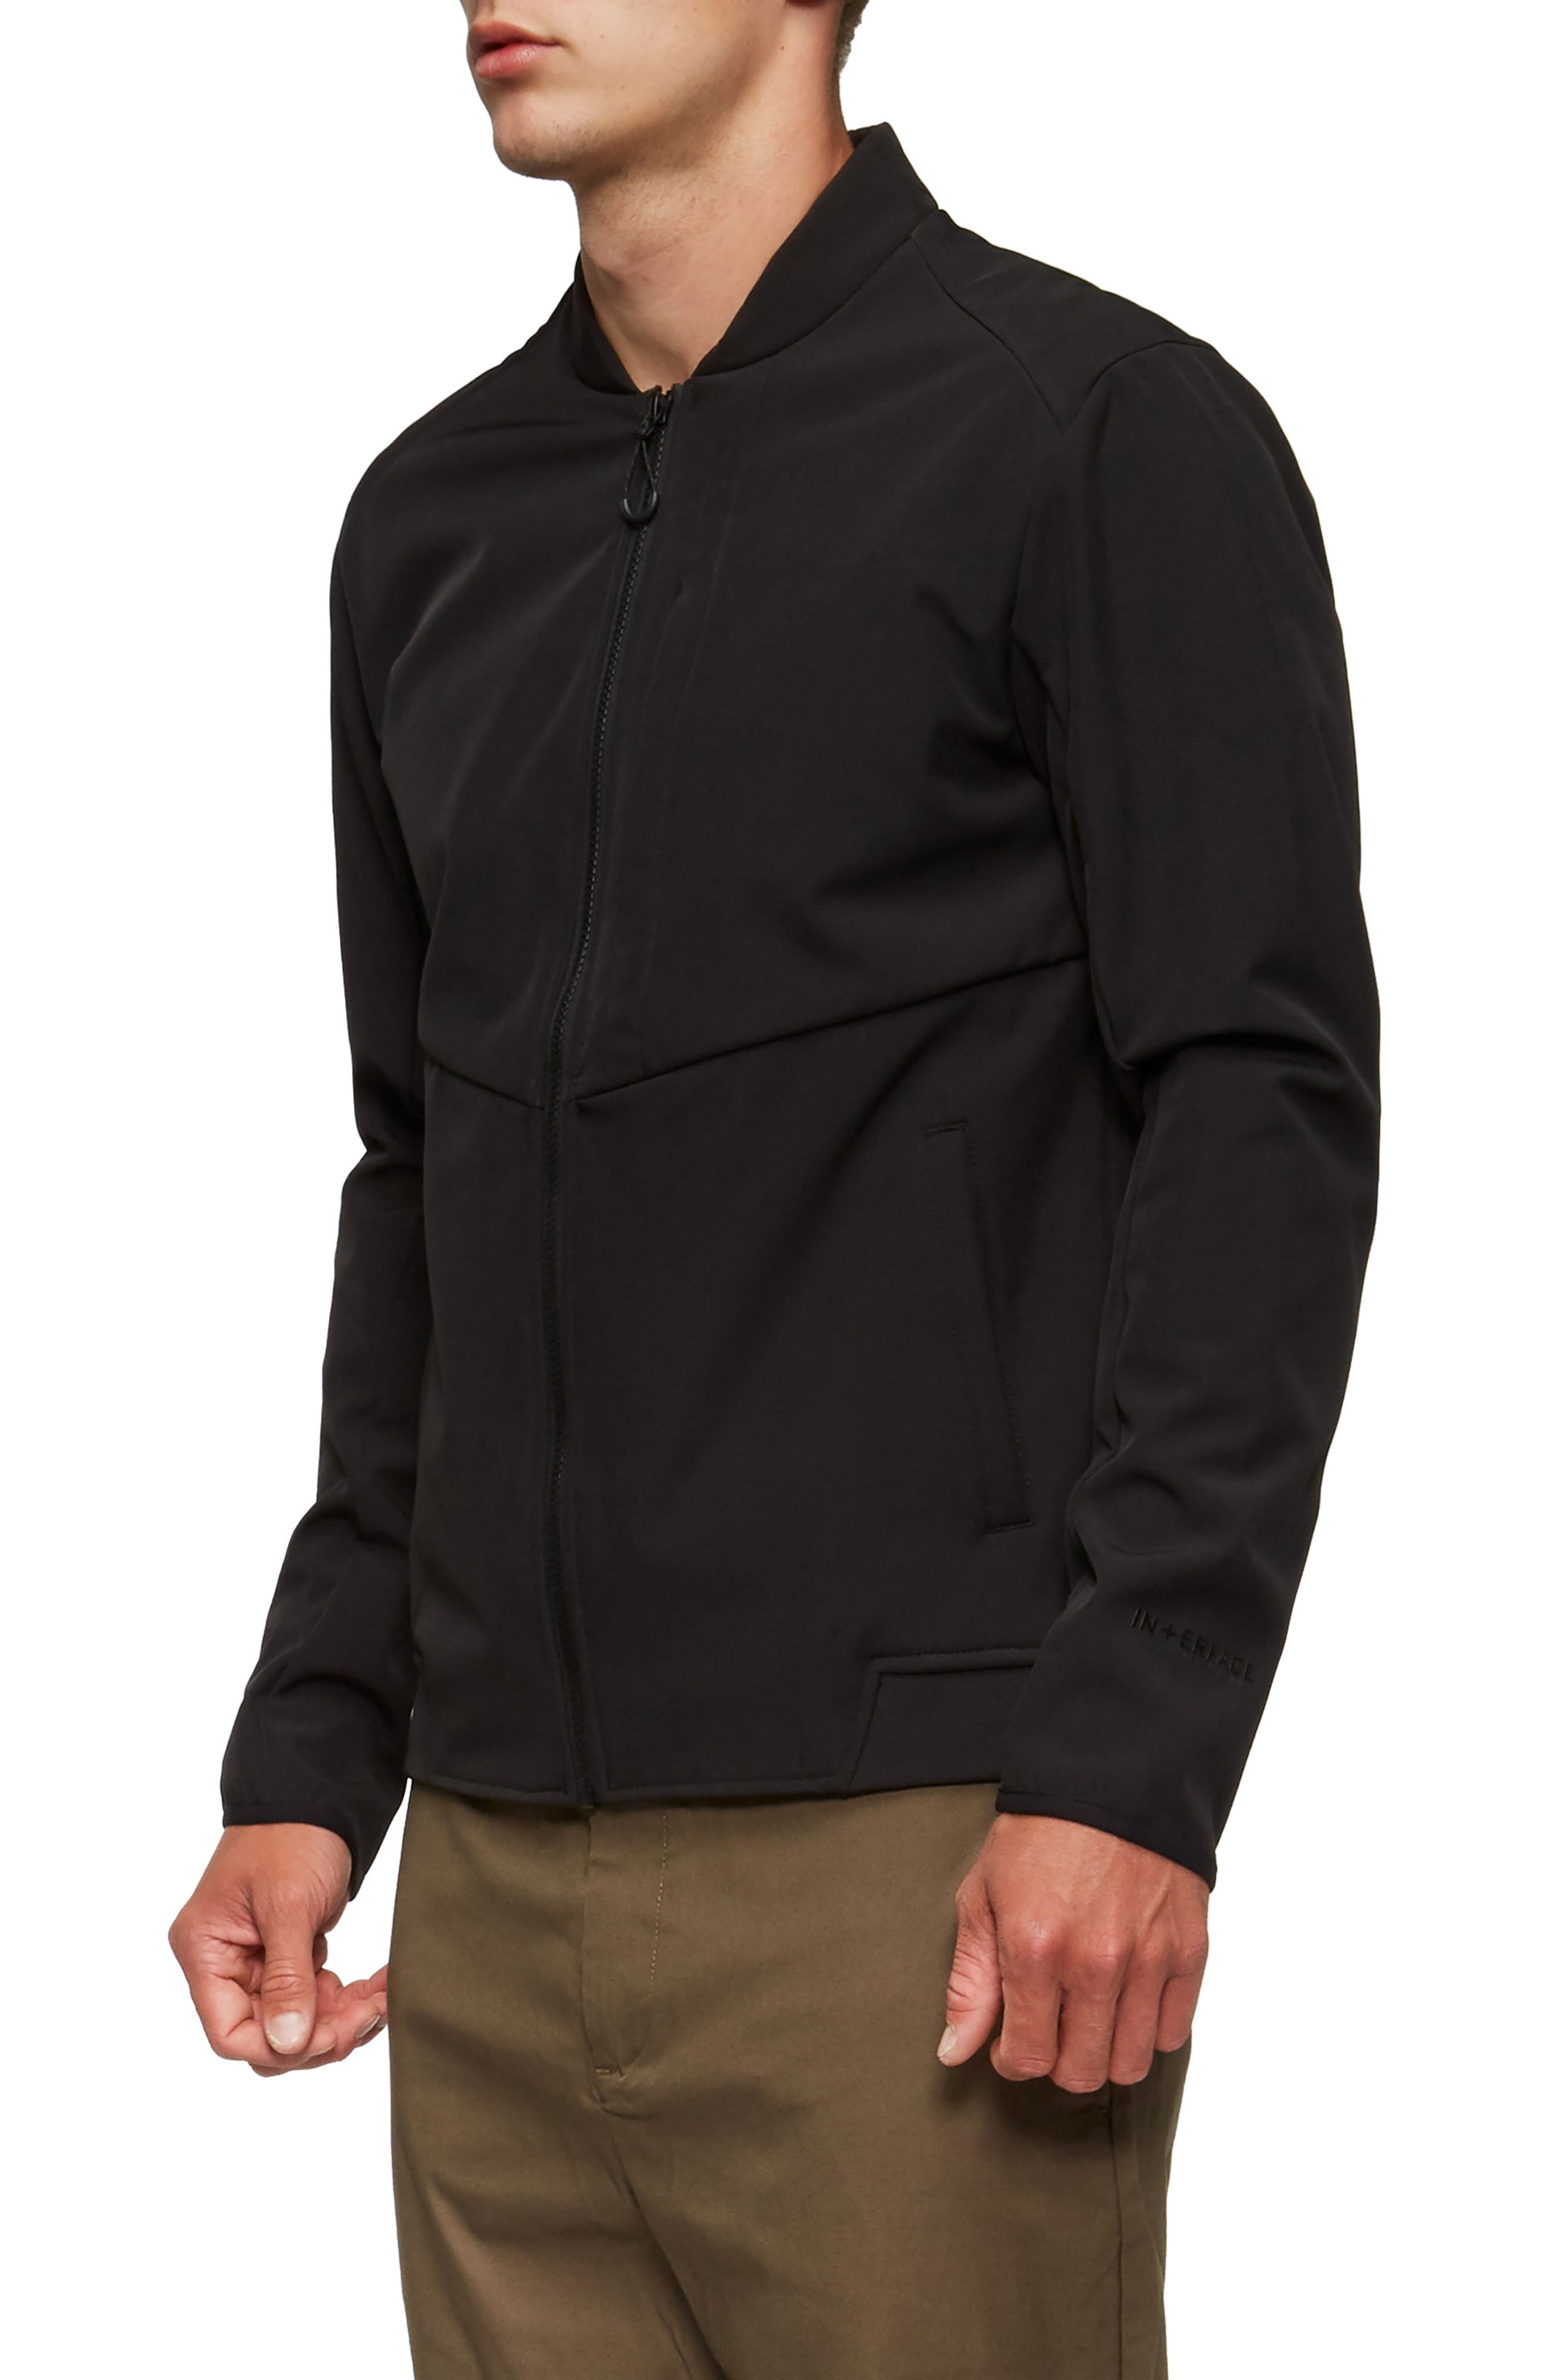 Decoy Fleece Jacket,                             Alternate thumbnail 3, color,                             001